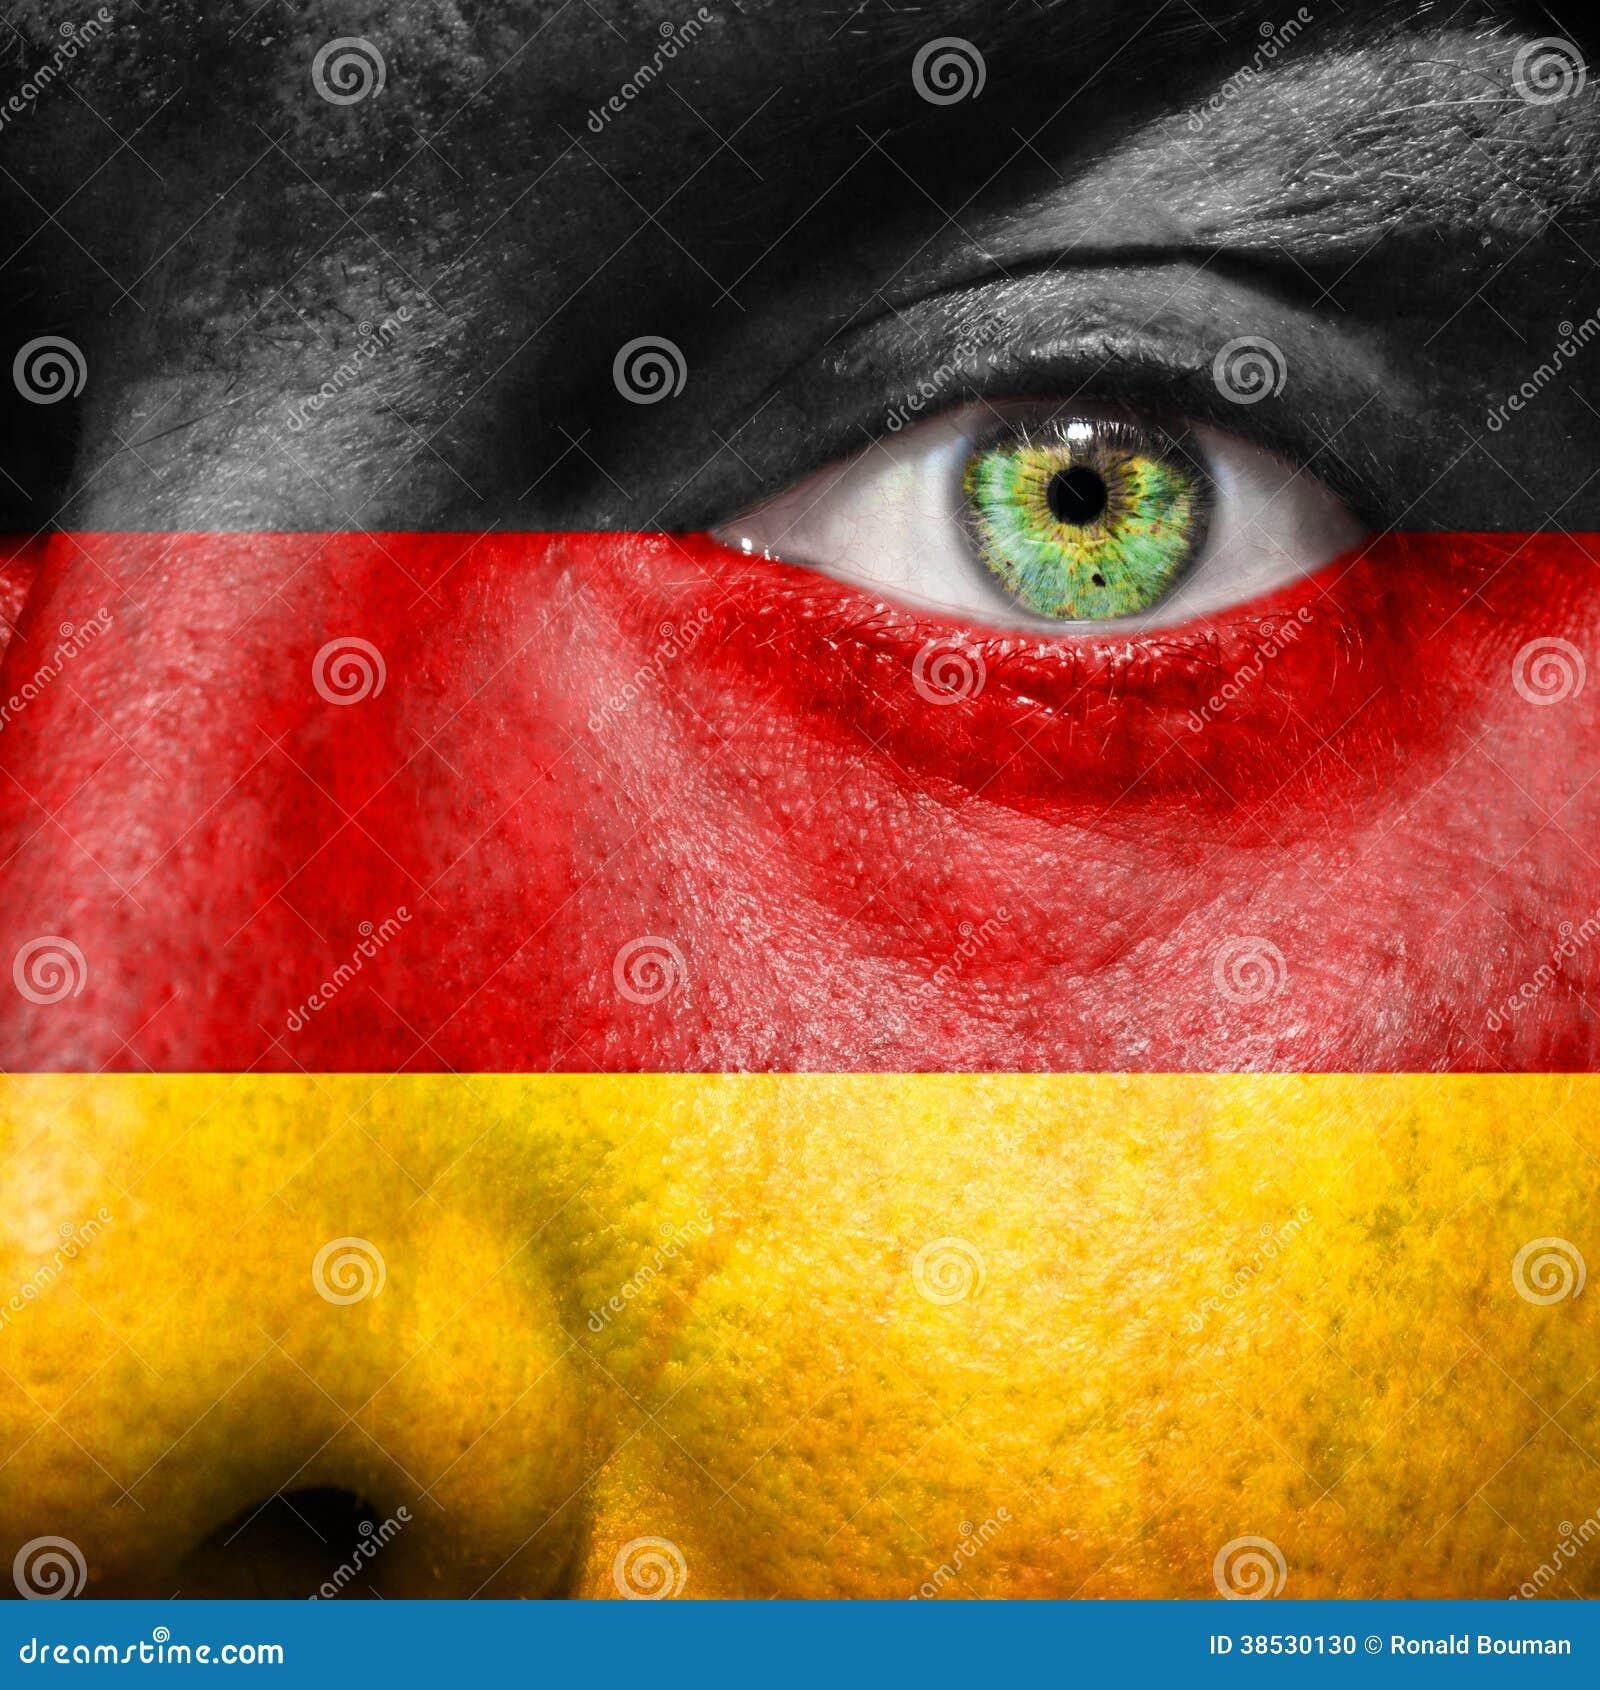 Flagge gemalt auf Gesicht mit grünem Auge, um Deutschland-Unterstützung zu zeigen